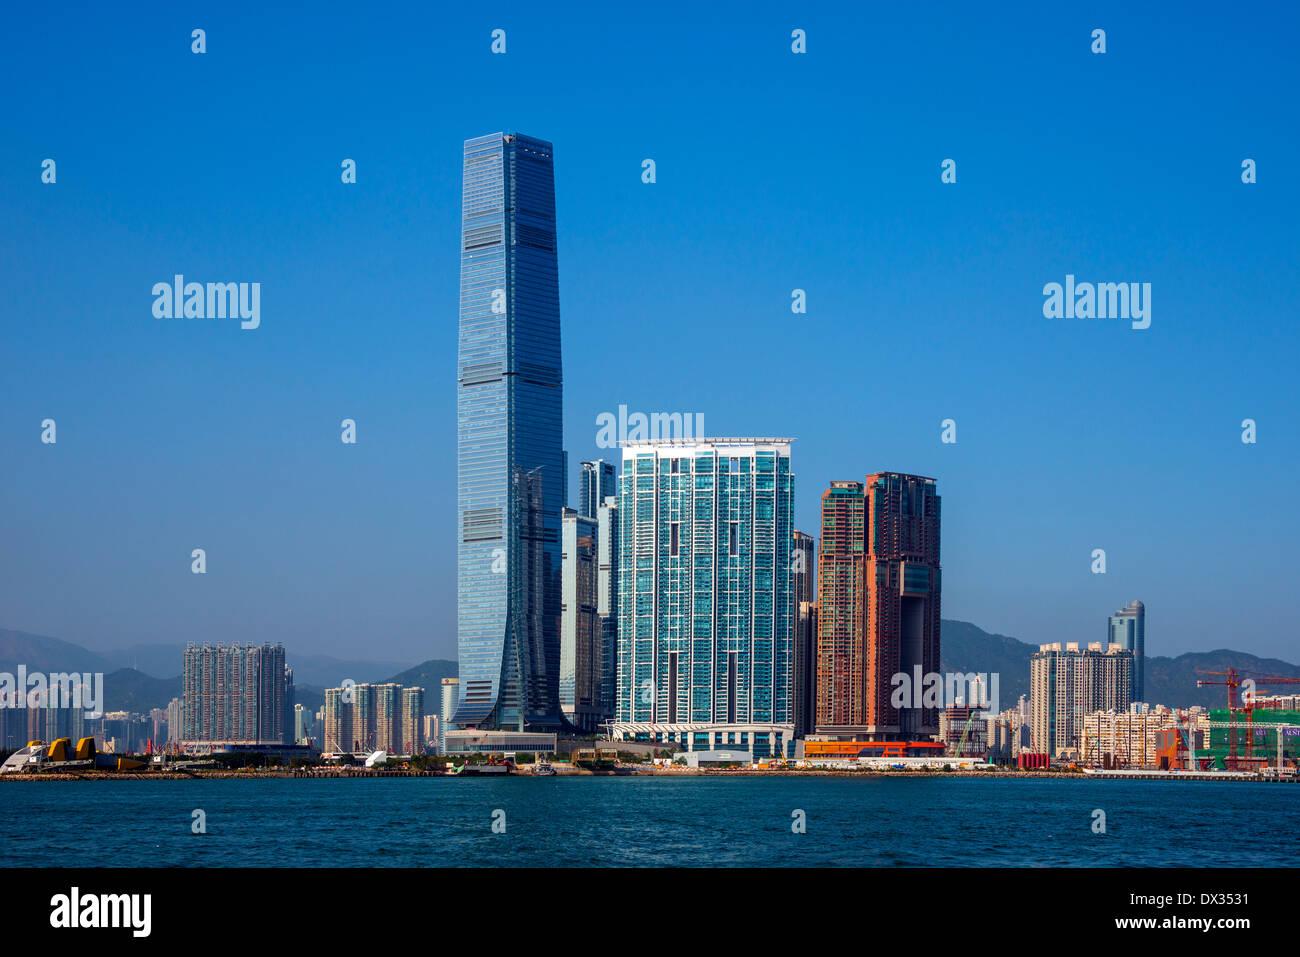 ICC, Kowloon, Hong Kong - Stock Image